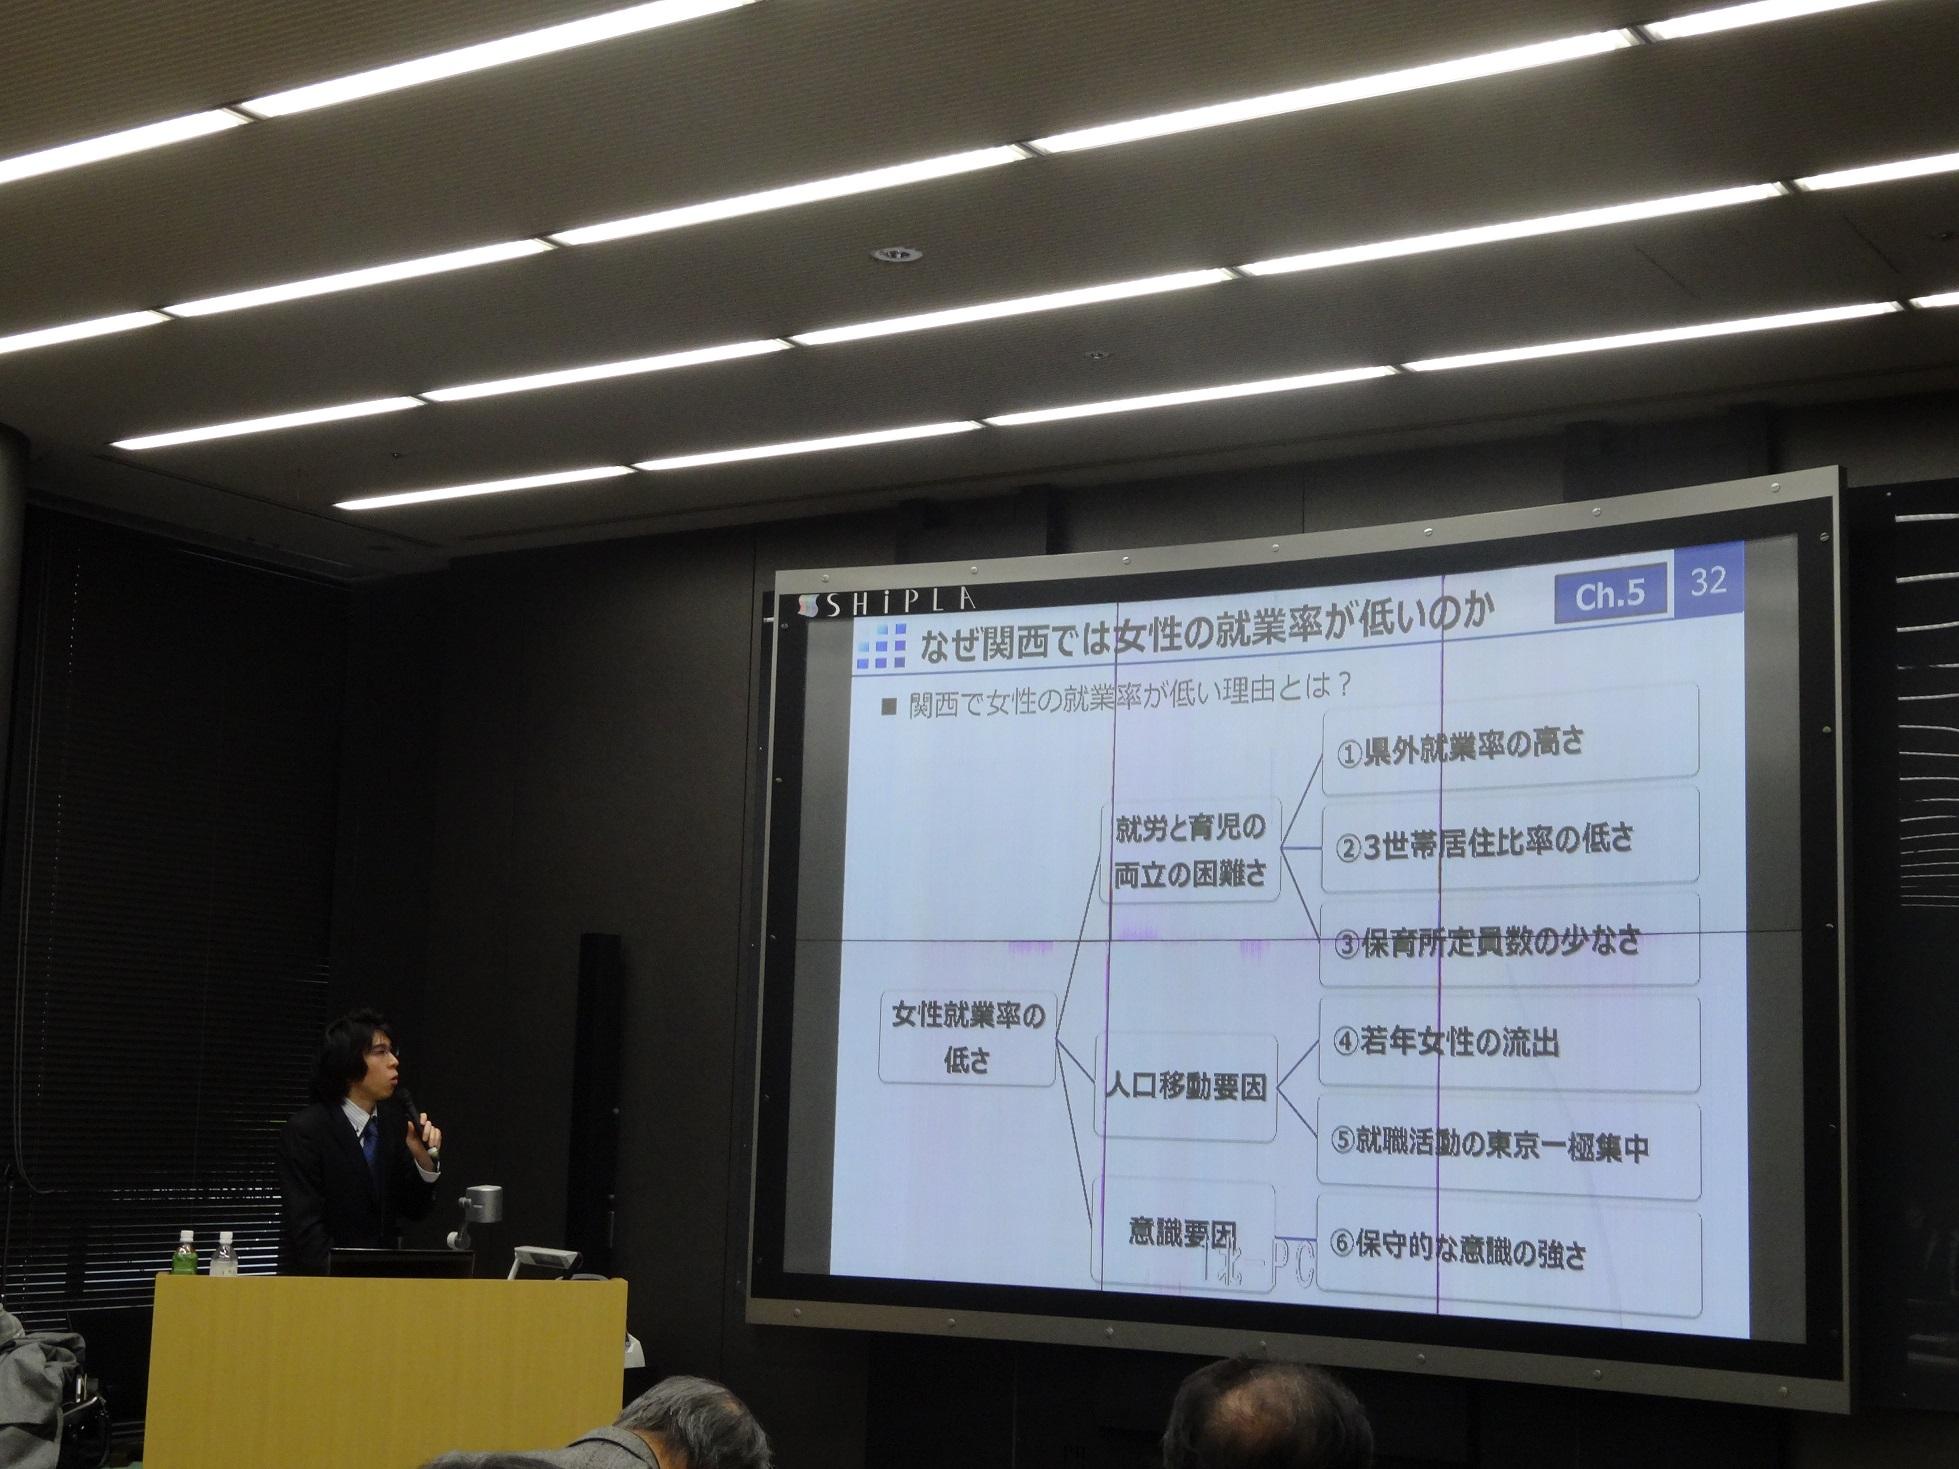 木下研究員が神戸都市問題研究所 都市問題セミナーで講演